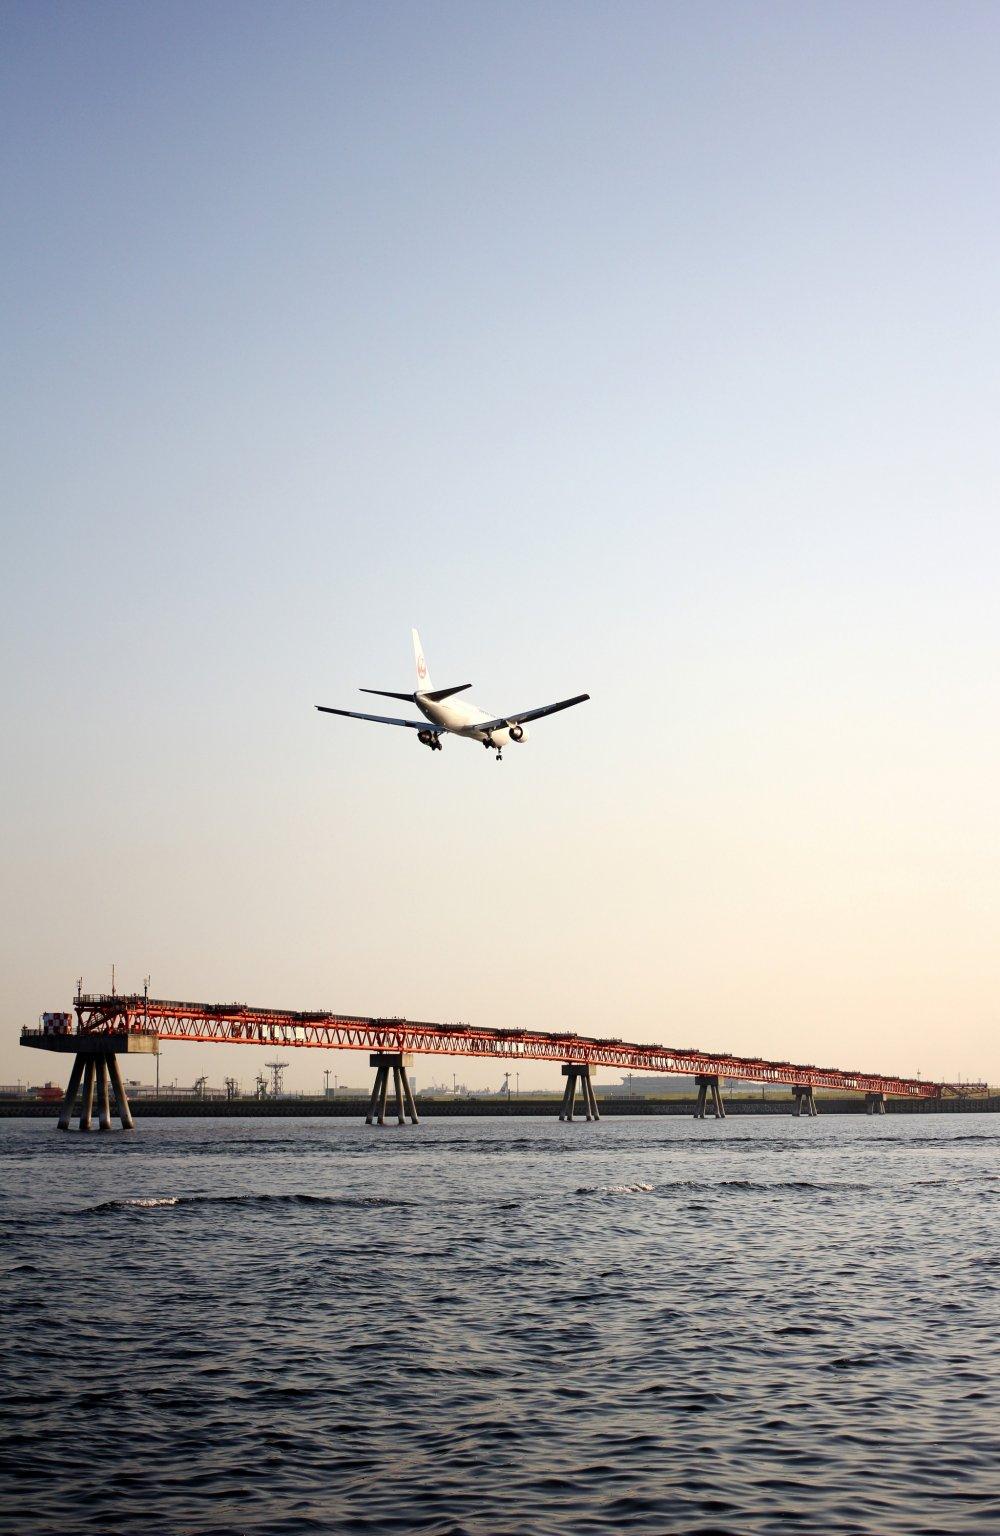 Chiếc máy bay này đã sẵn sàng hạ cánh tại sân bay Haneda, có thể là một vài phút để đến được dải đất tại sân bay ở phía bên kia của vịnh.